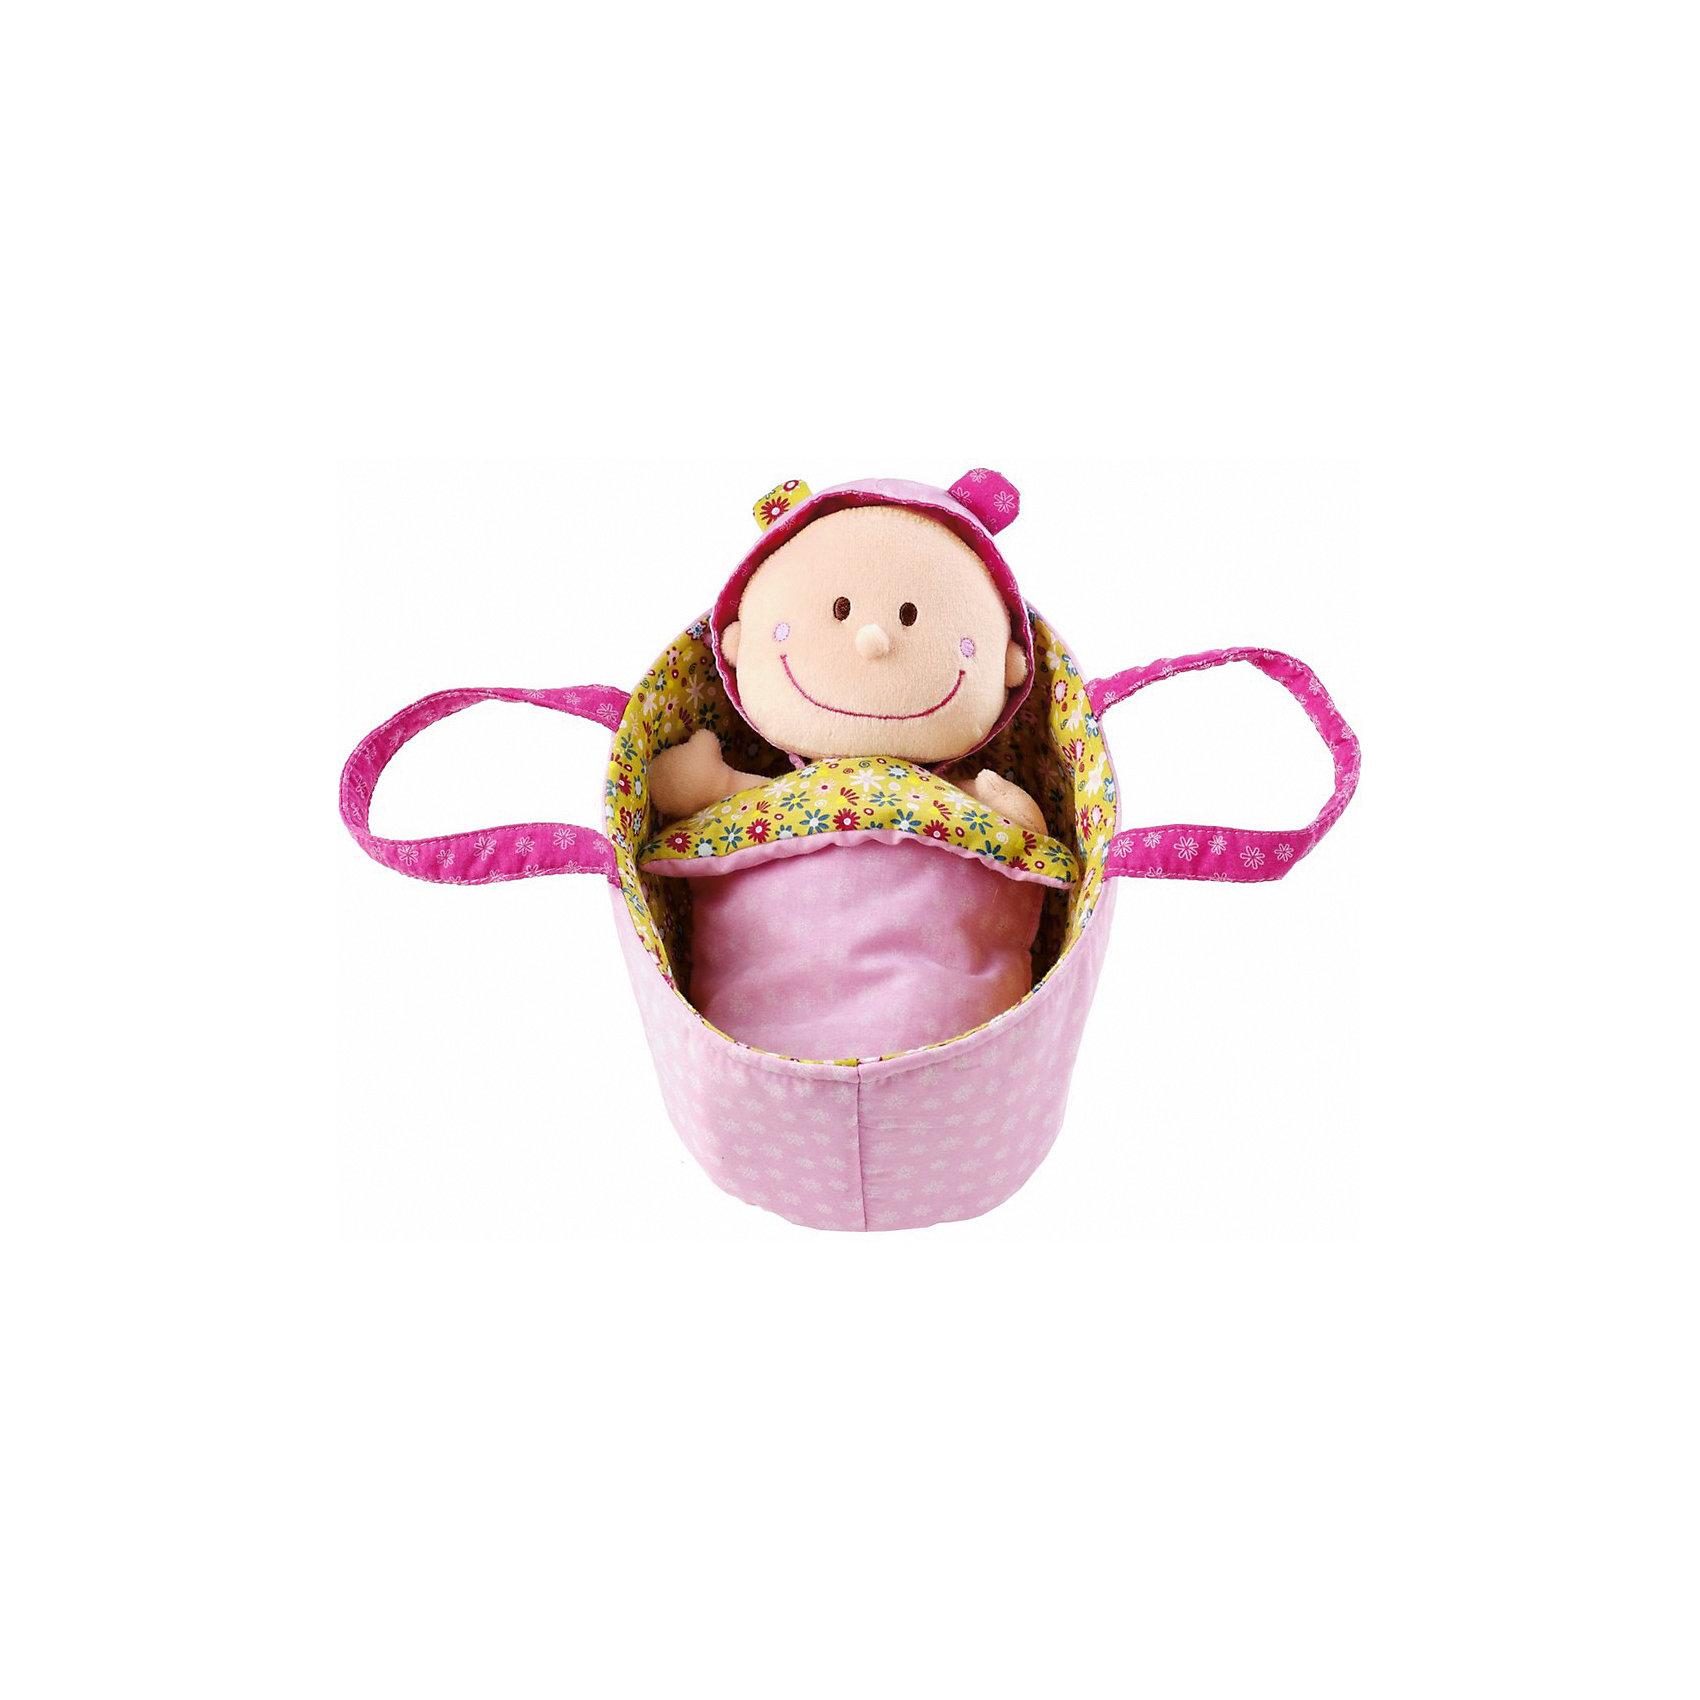 Мягкая куколка в переноске, LilliputiensИгрушки для малышей<br>Характеристики товара:<br><br>- цвет: разноцветный;<br>- материал: текстиль, полиэстер, хлопок;<br>- габариты упаковки: 20x12x10 см;<br>- вес: 190 г;<br>- комплектация: кукла, аксессуары.<br><br>Дочки–матери – любимая игра всех малышек. Текстильные куклы – приятное и веселое развлечение. Куколка в переноске – сочетание традиционного пупса и модной тряпичной игрушки. Подходит как для одиночной игры, так и для игры в кругу друзей. Прививает малышке чувство ответственности и развивает социальные навыки. Подгузник и пижама легко снимаются и надеваются, поэтому забота о малышке будет доставлять ребенку огромное удовольствие! Материалы, использованные при изготовлении изделия, абсолютно безопасны и полностью отвечают международным требованиям по качеству детских товаров.<br><br>Игрушку Мягкая куколка в переноске от бренда Liliputien можно купить в нашем интернет-магазине.<br><br>Ширина мм: 20<br>Глубина мм: 12<br>Высота мм: 10<br>Вес г: 190<br>Возраст от месяцев: 9<br>Возраст до месяцев: 2147483647<br>Пол: Женский<br>Возраст: Детский<br>SKU: 5097373